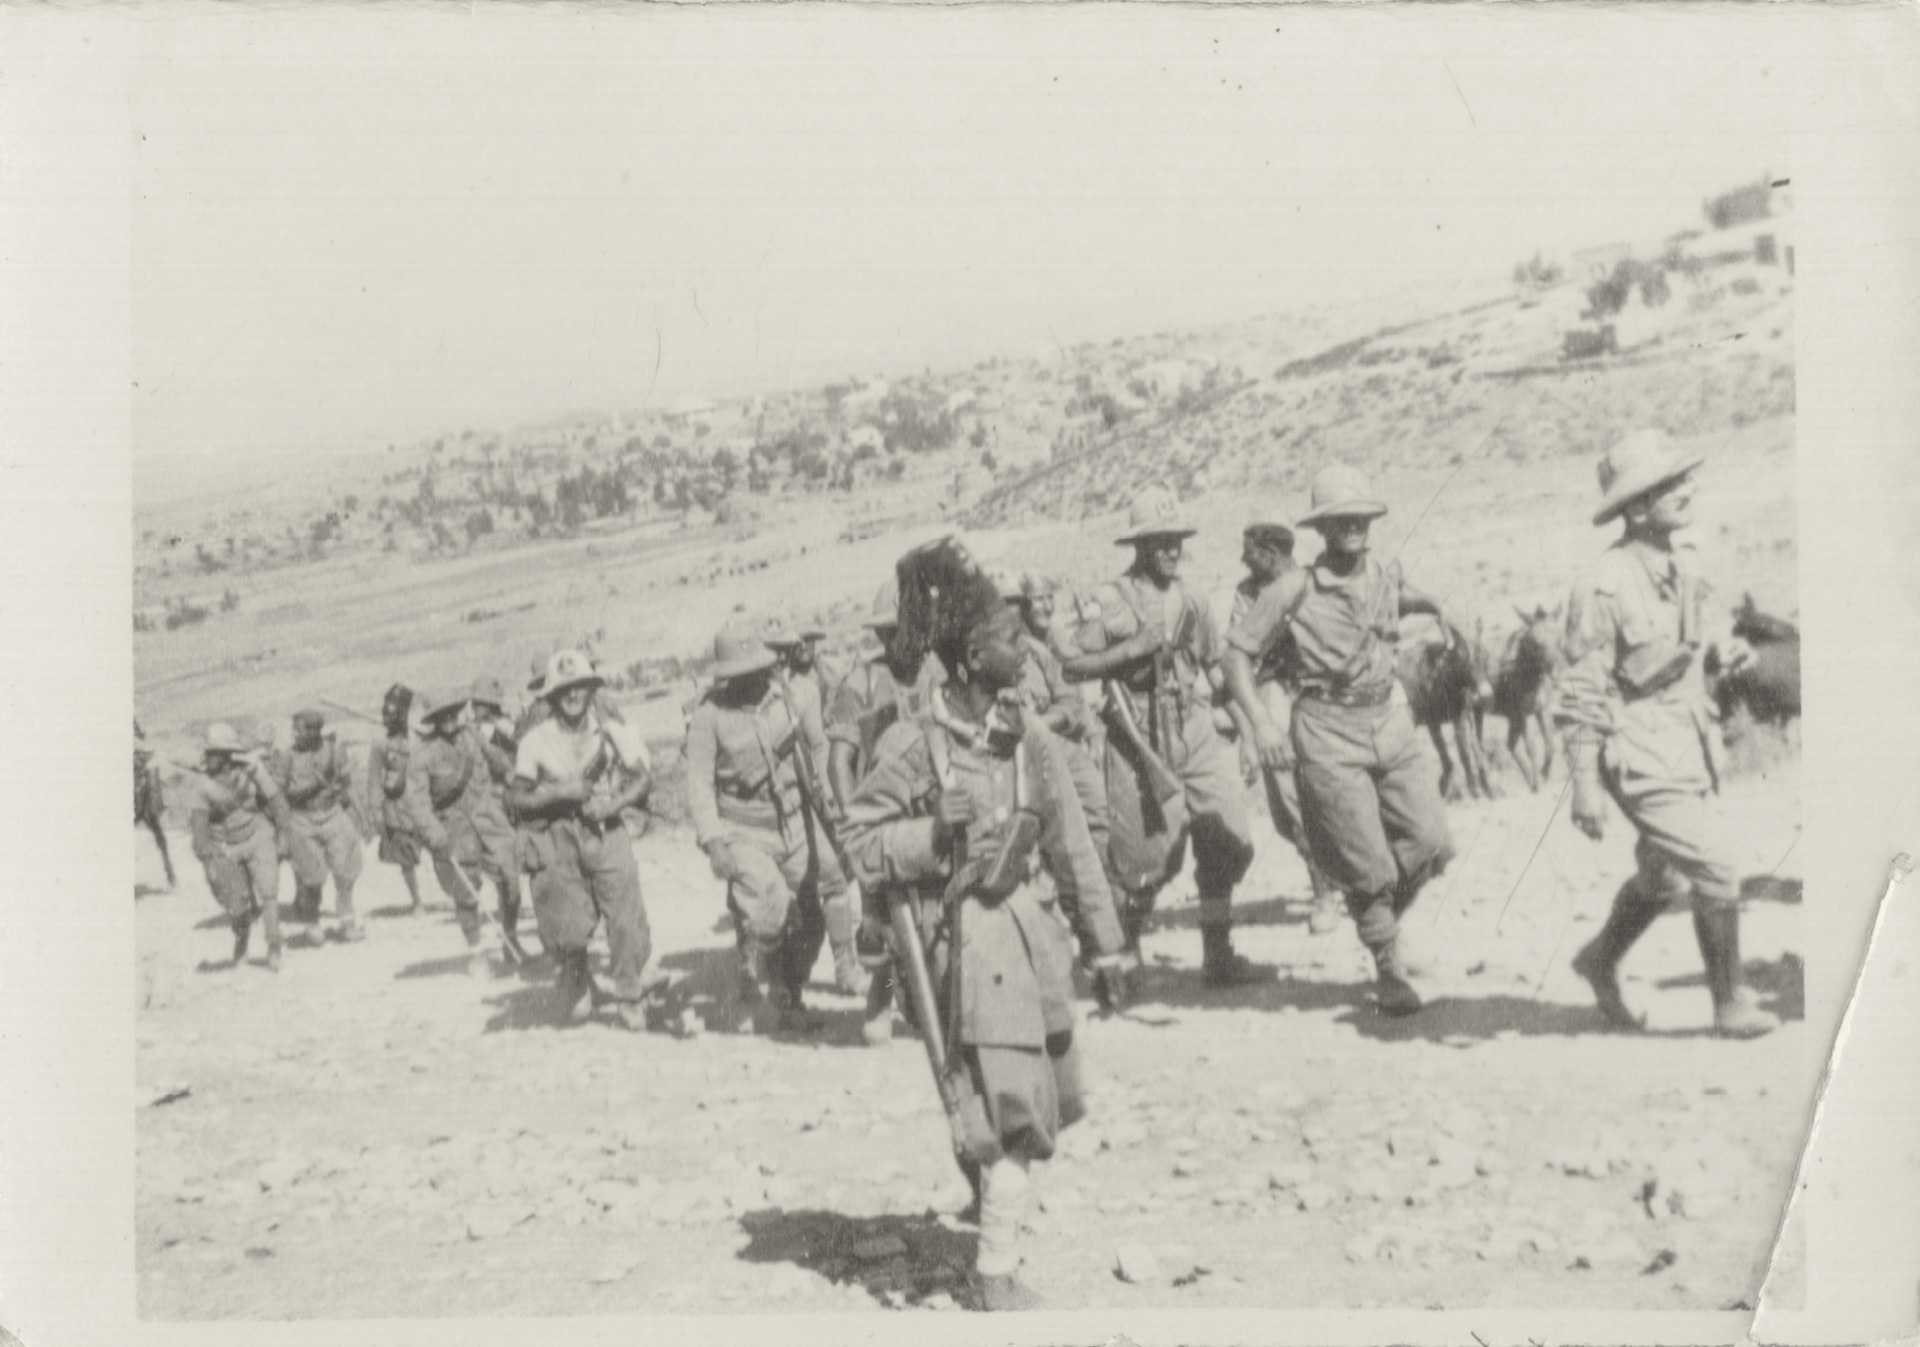 6. Macallé, 9 novembre 1935, reparti del Genio e Ascari in marcia (Archivio Cidra)